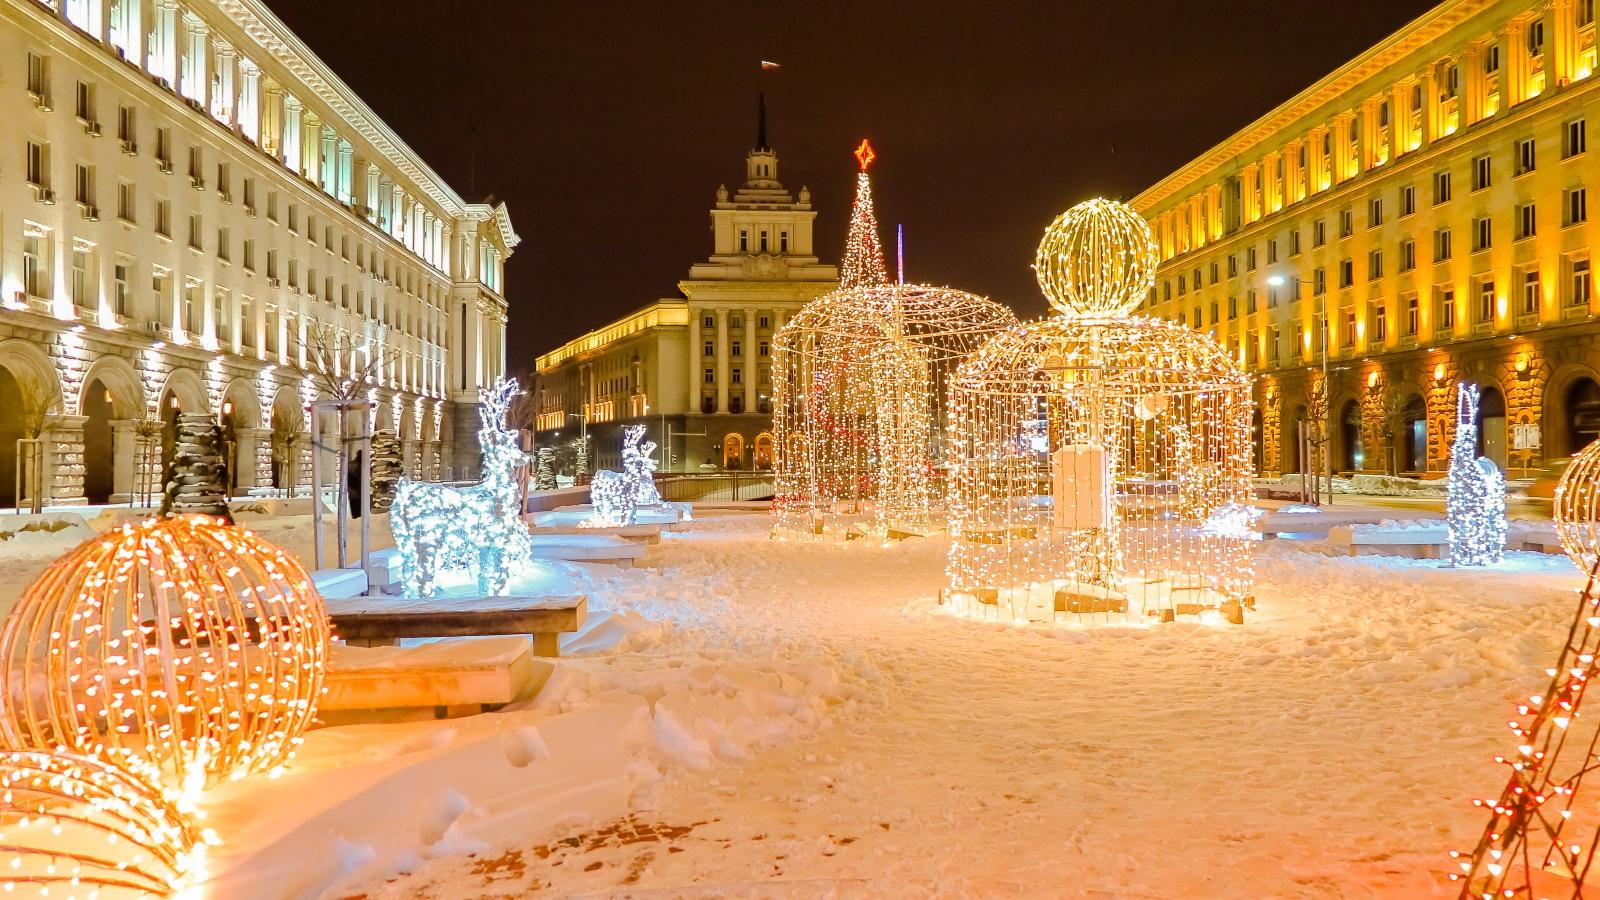 <p>На 27 декември почитаме паметта на св. Стефан. Това е третият и последен ден на Коледа, на който празнуват всички, носещи имената Стефан, Стефана, Стефка, Стоян, Стоянка, Станка, Стойчо, Стоимен, Стоичко, Цоньо, Запрян, Цонка.&nbsp;Според традицията днес се &quot;затваря кръгът&quot;&nbsp;на старата година.</p>